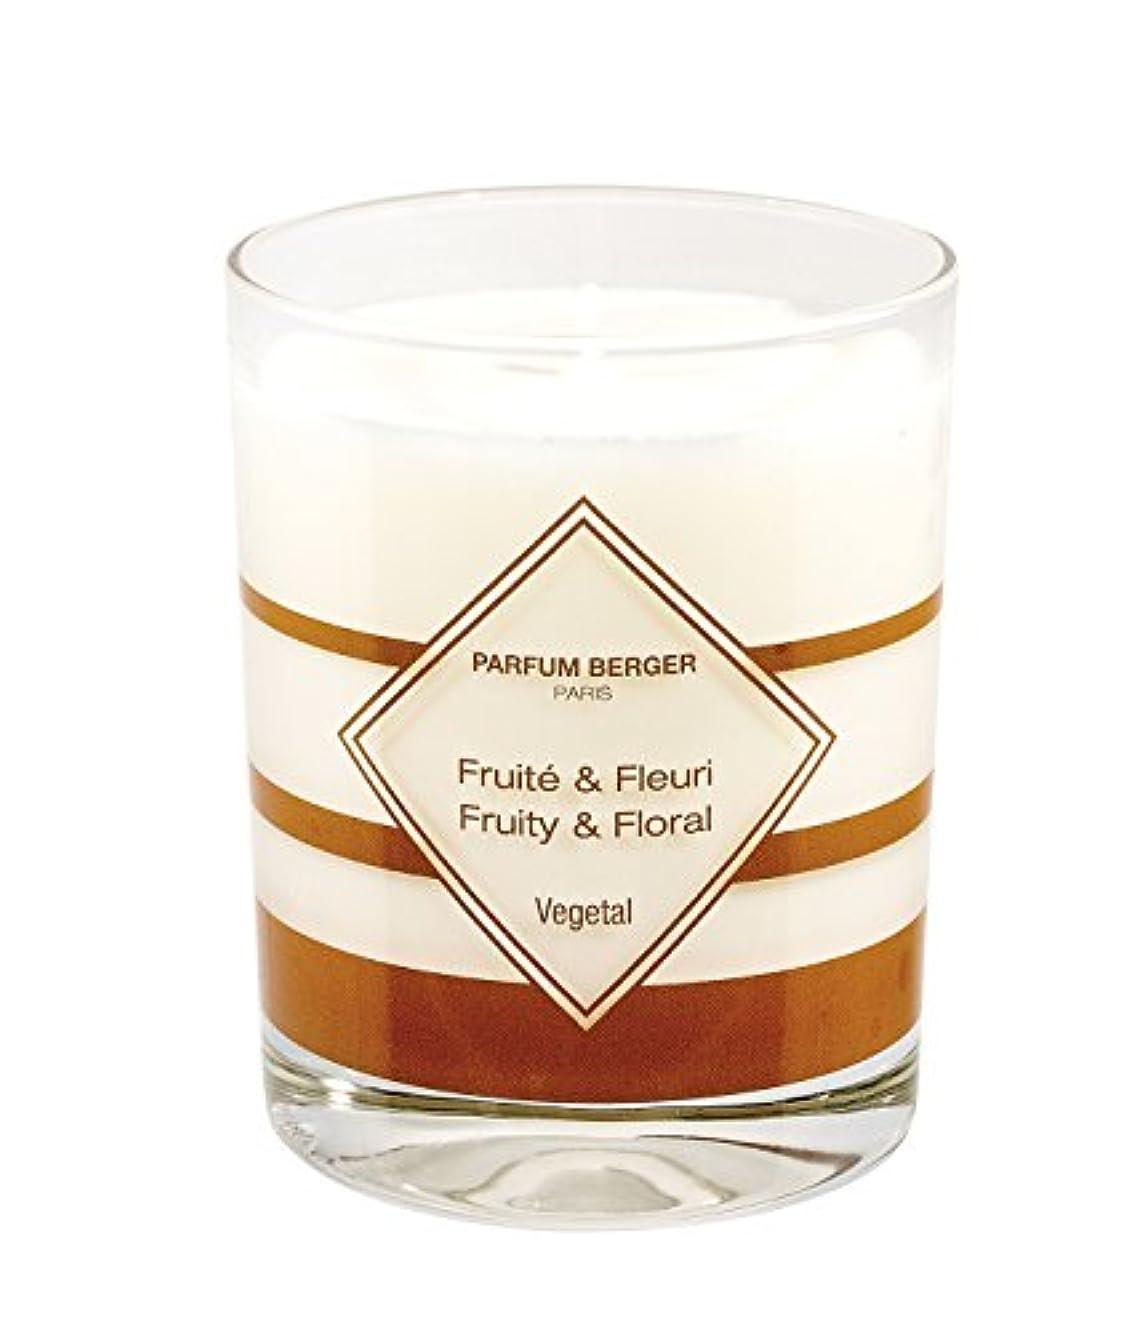 個性世代甥Parfum Berger/Lampe BergerアンチペットOdor Scented Candle – ガラス – ホワイト、10 x 10 x 10 cm